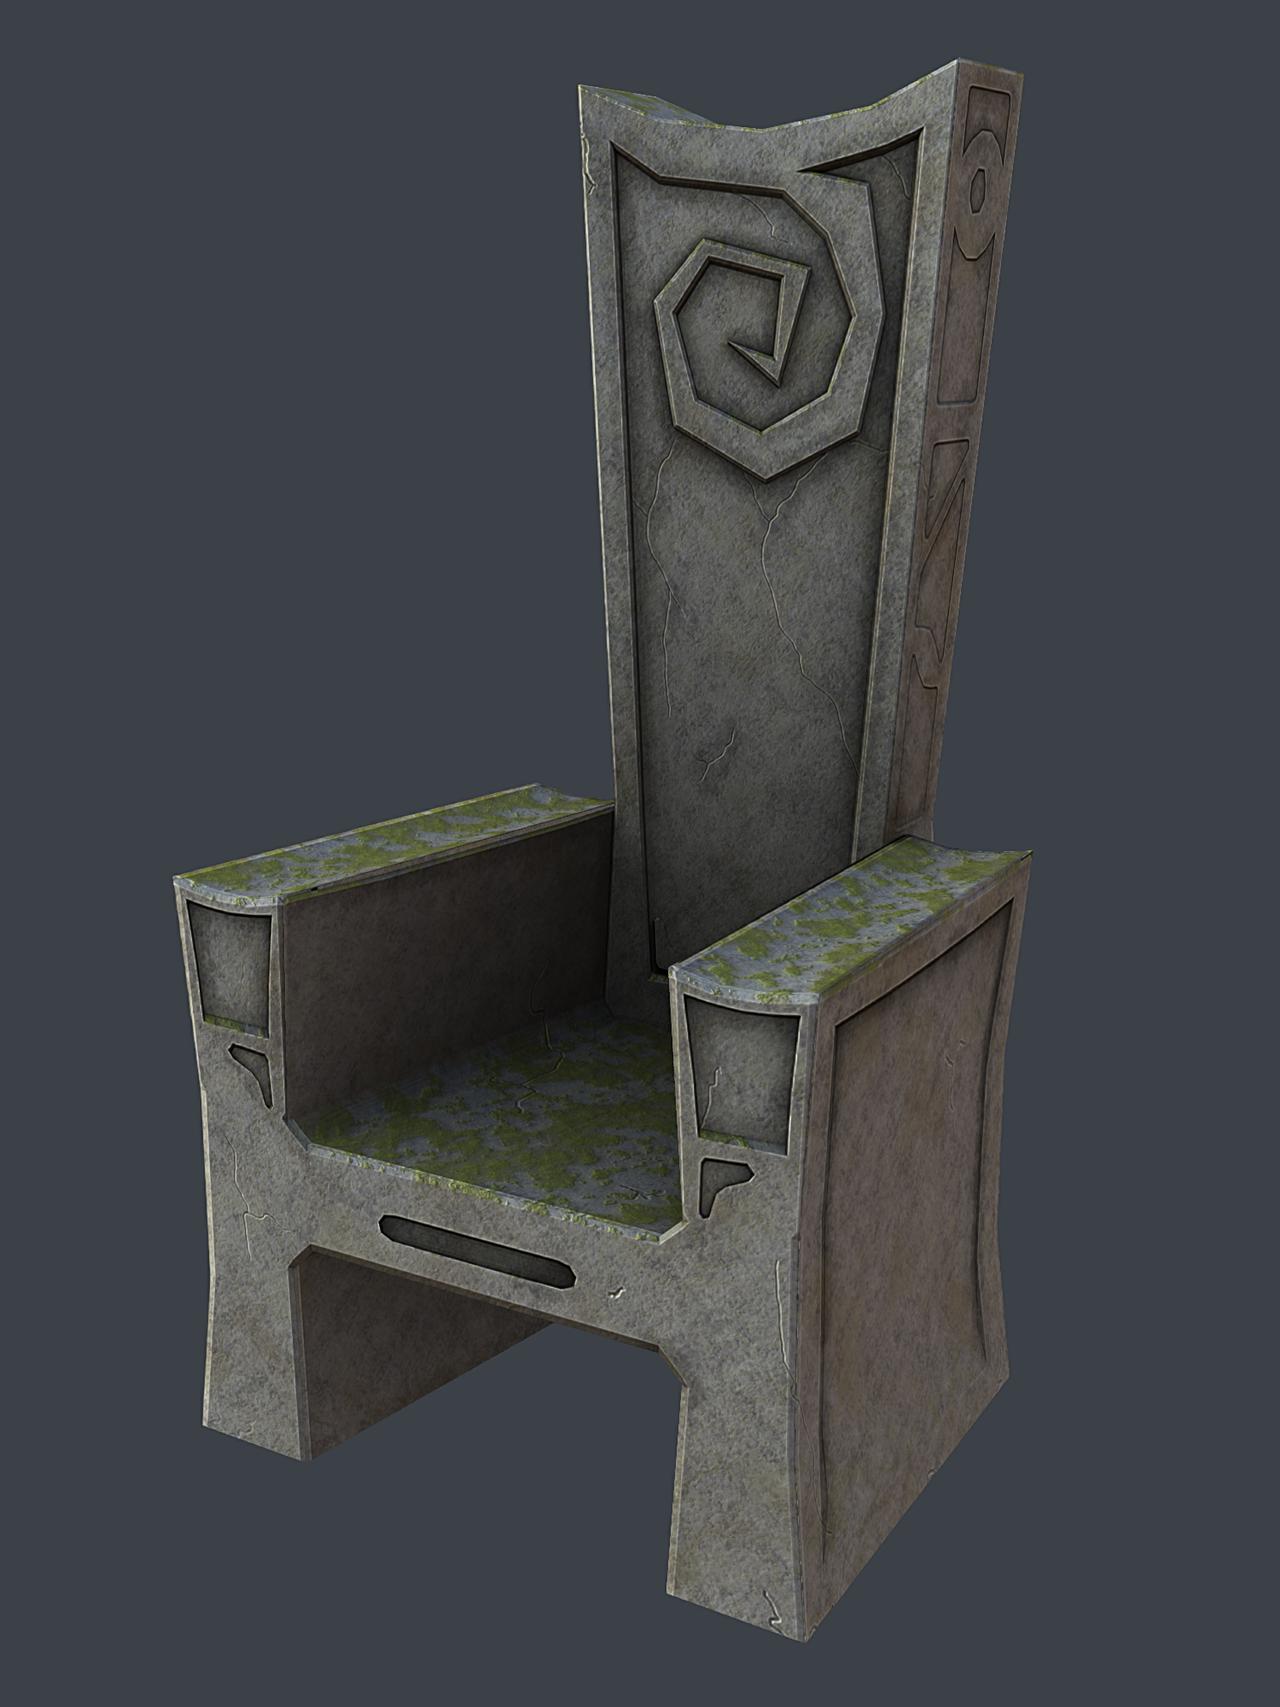 Stone Throne By Zacktor On Deviantart